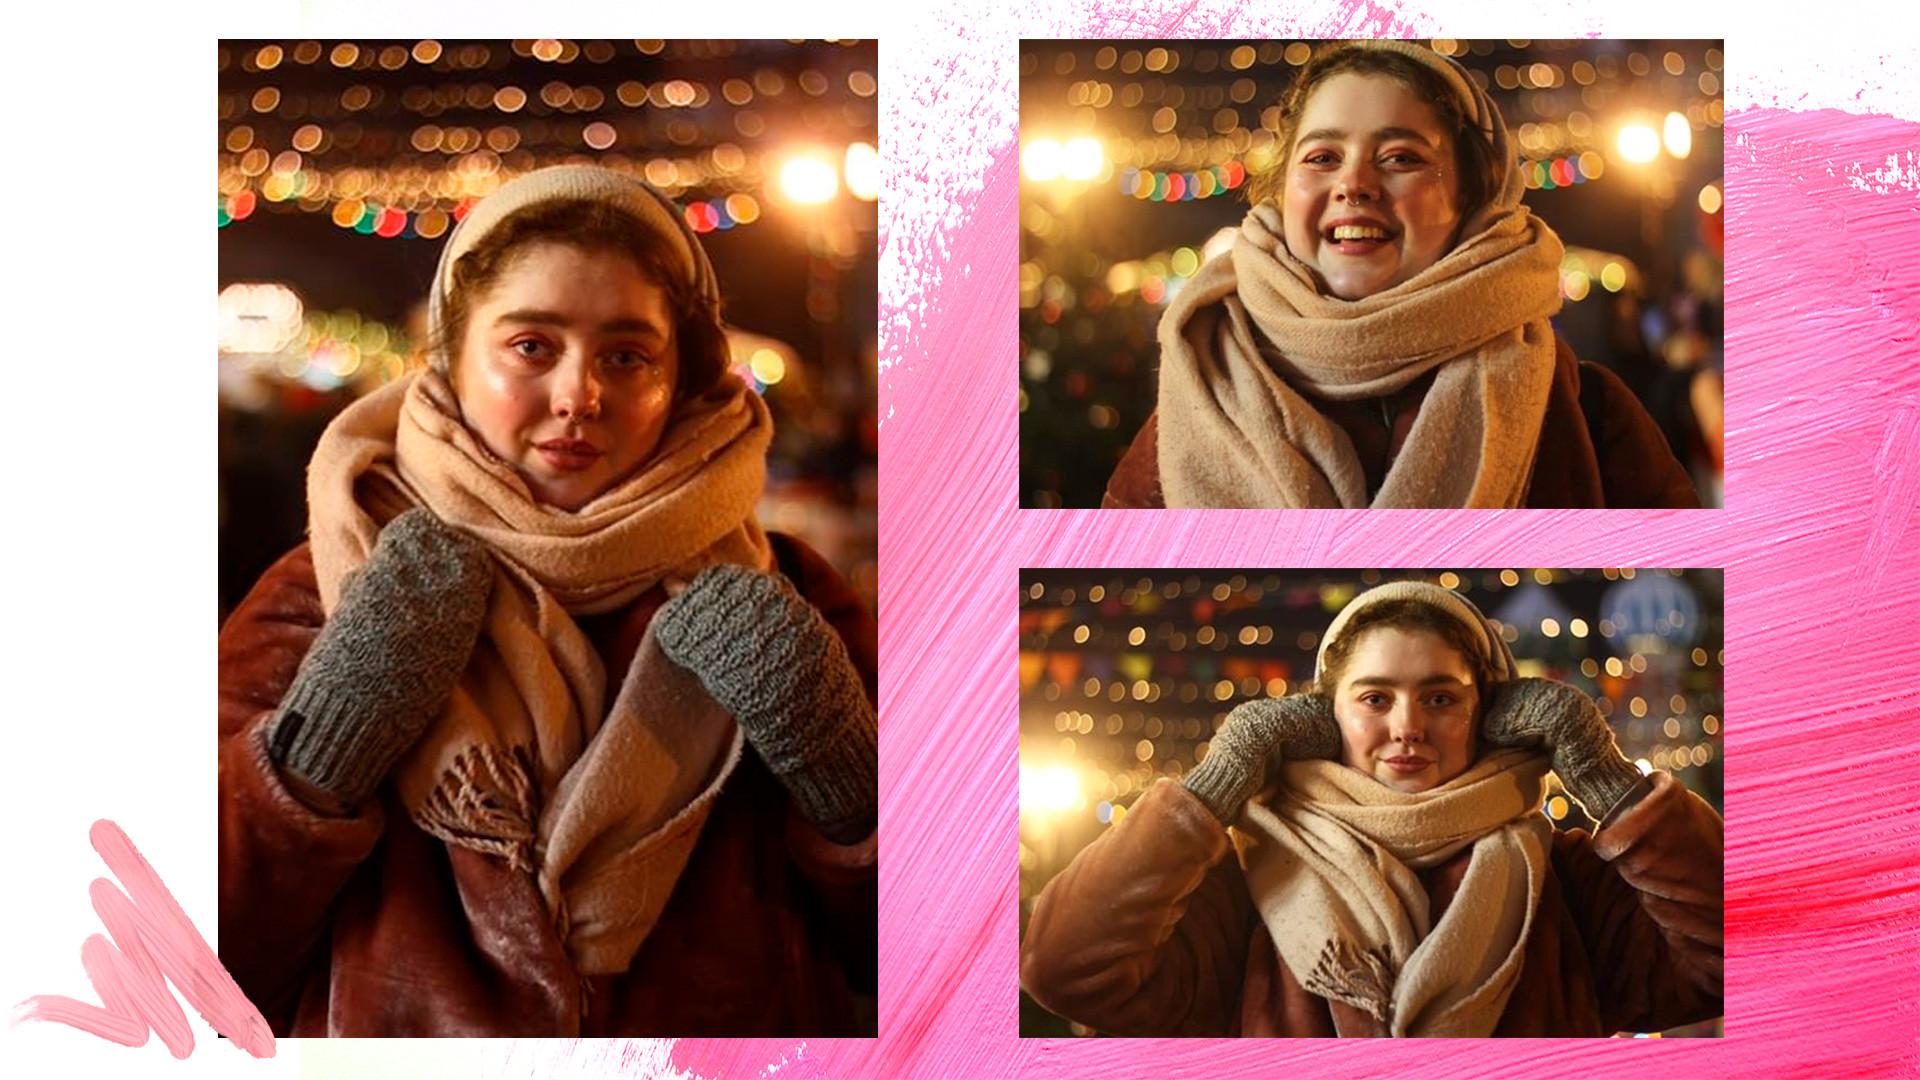 Bildergebnis für Diese russischen Frauen ermuntern zu einer positiven Körperwahrnehmung Lifestyle 11 Feb 2019 Anna Sorokina Asja Lunegowa, Angelina Rusanowa, Puschba,